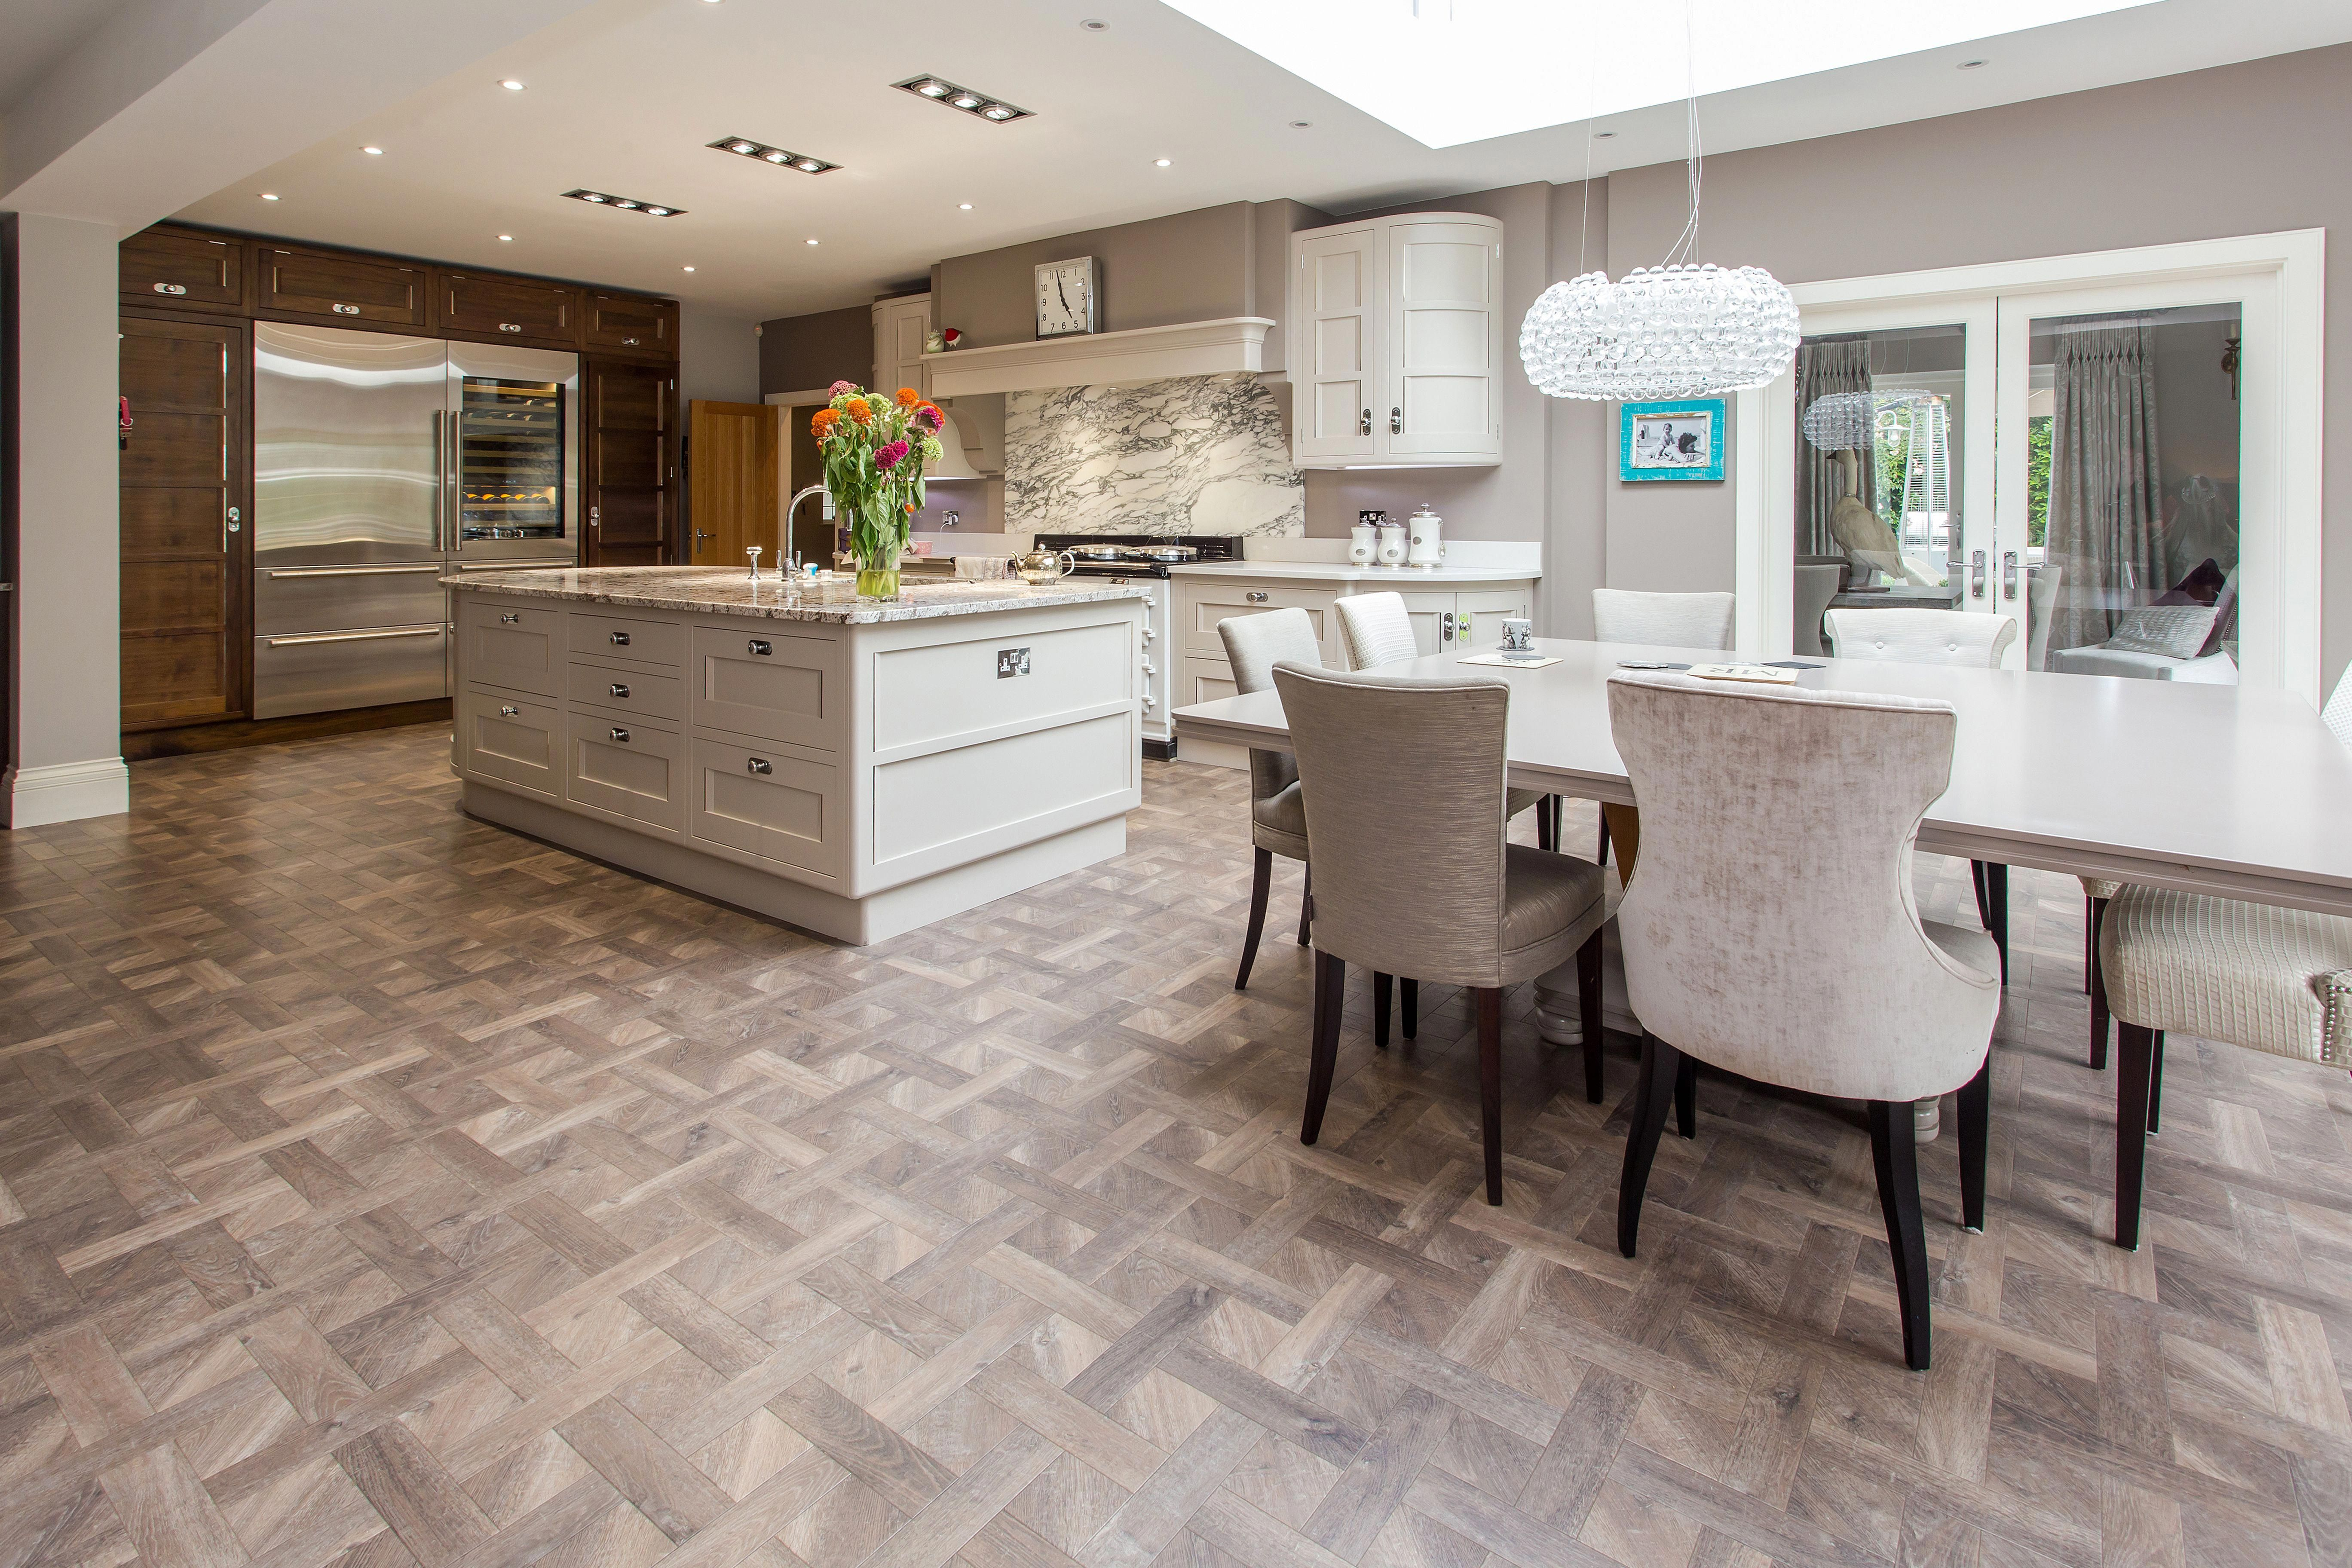 Kitchen carbon finish Home, Home decor, Interior